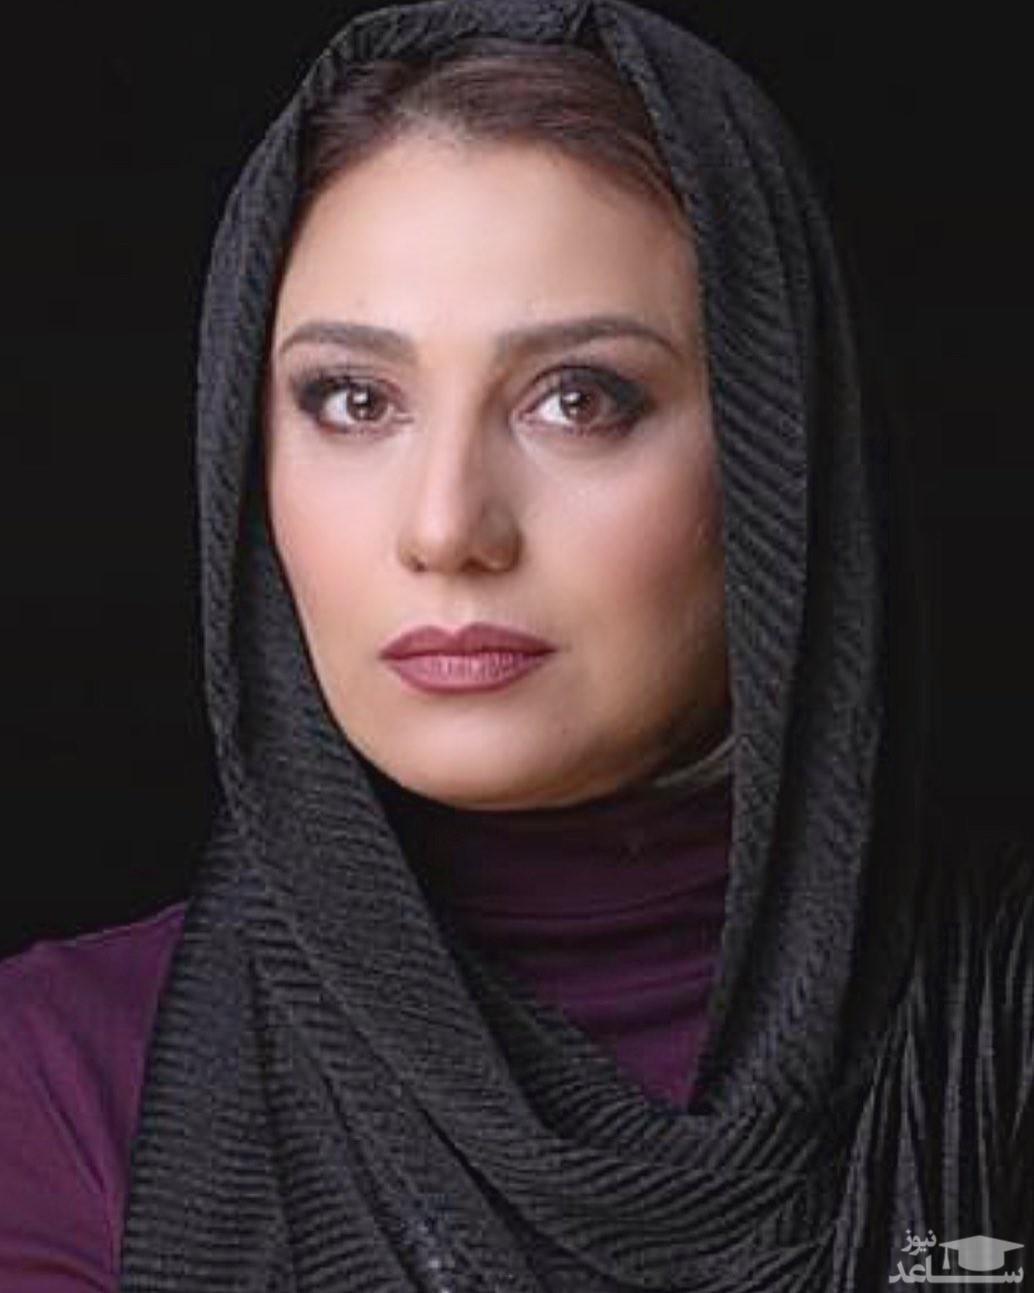 خاطره برفی «شبنم مقدمی» از زنده یاد پرویز پورحسینی